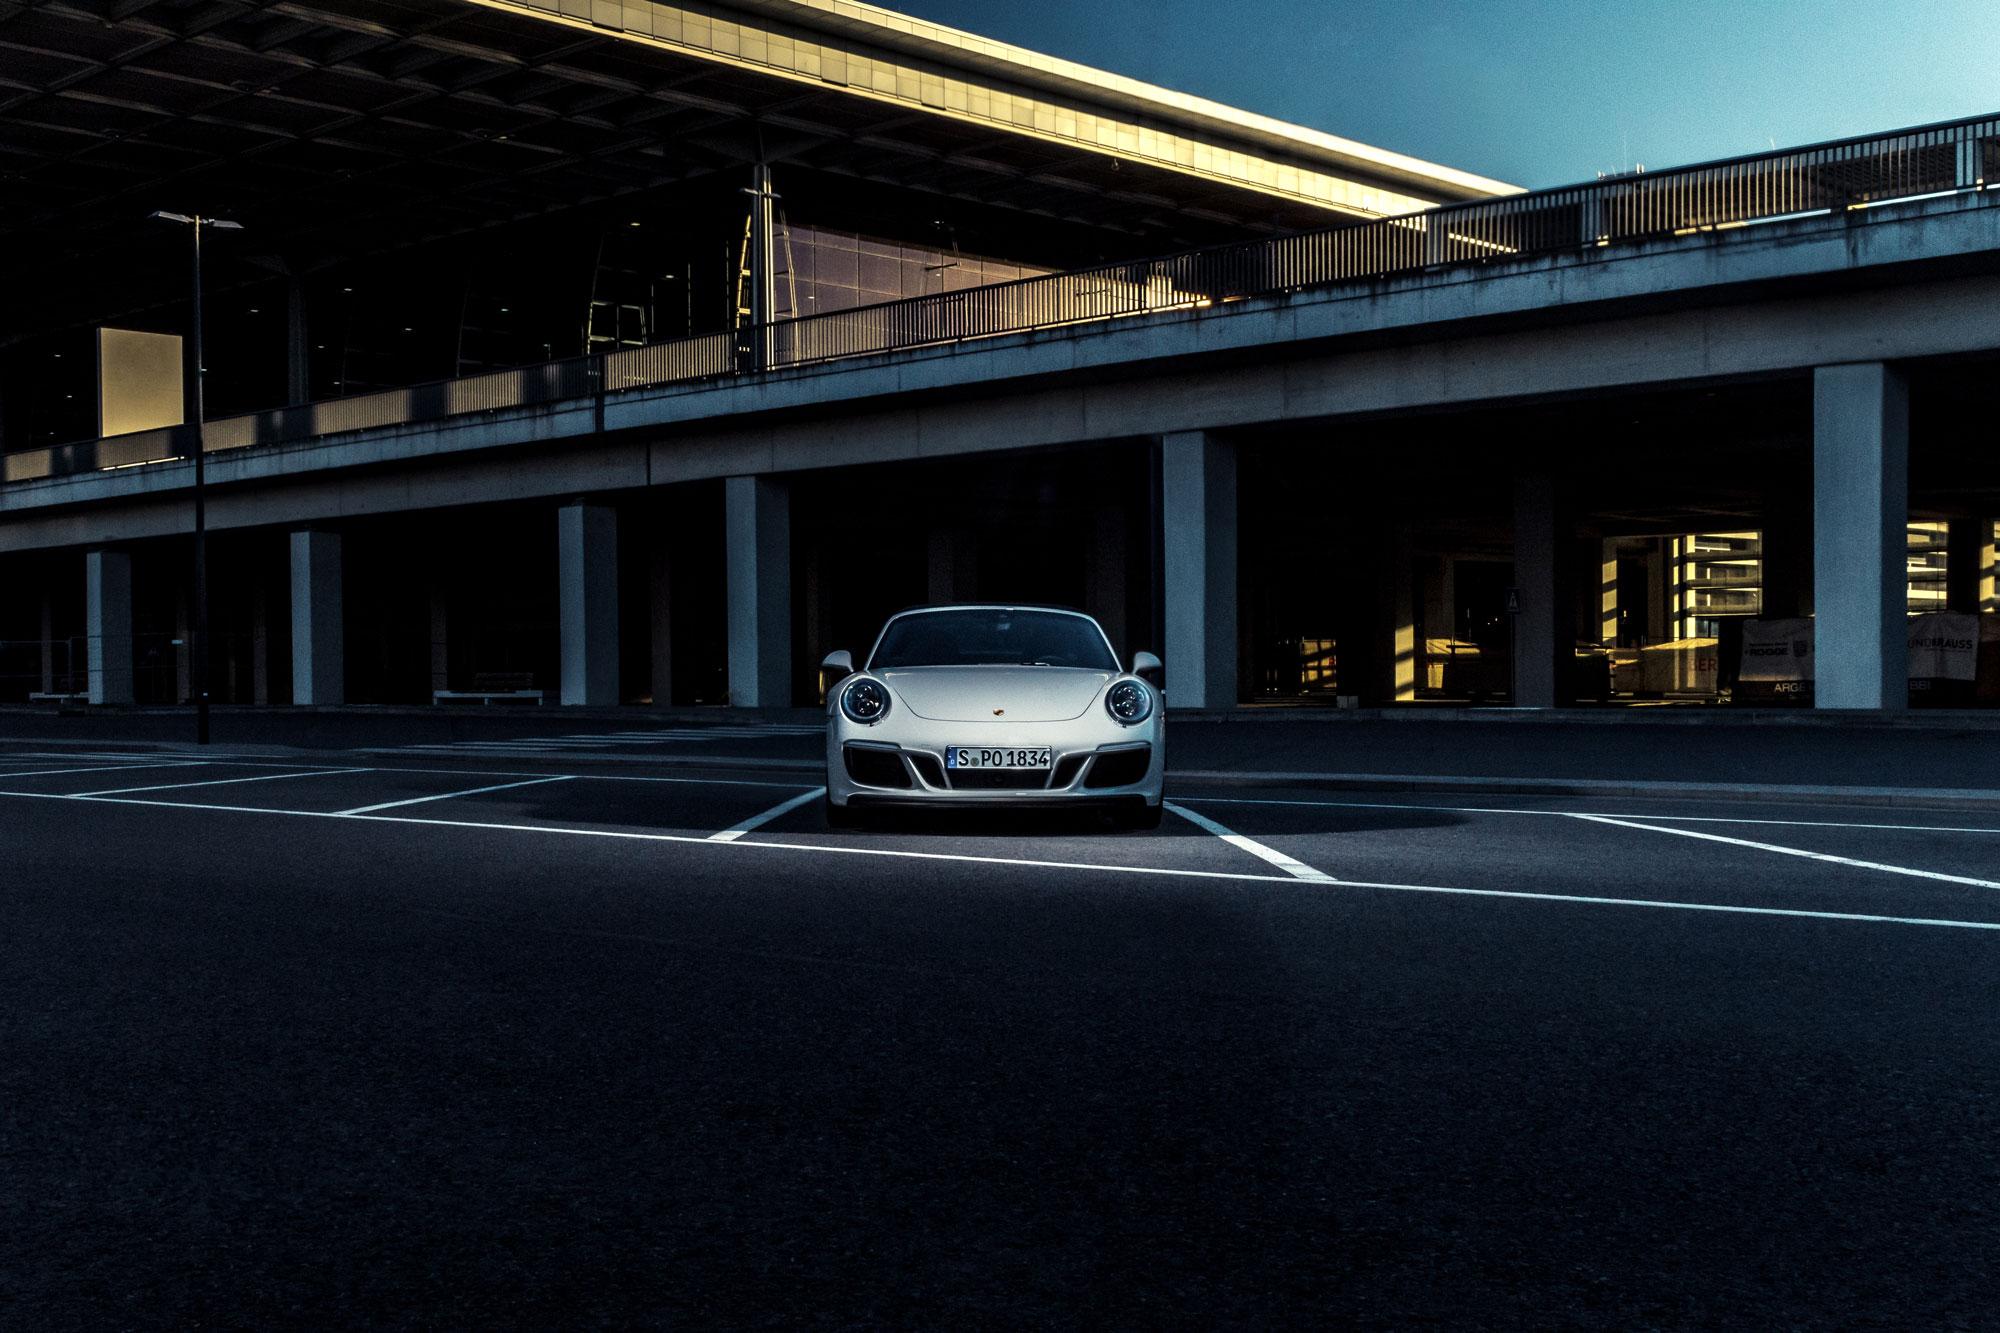 moderne automotive fotografie porsche 911 targa 4 gts. Black Bedroom Furniture Sets. Home Design Ideas